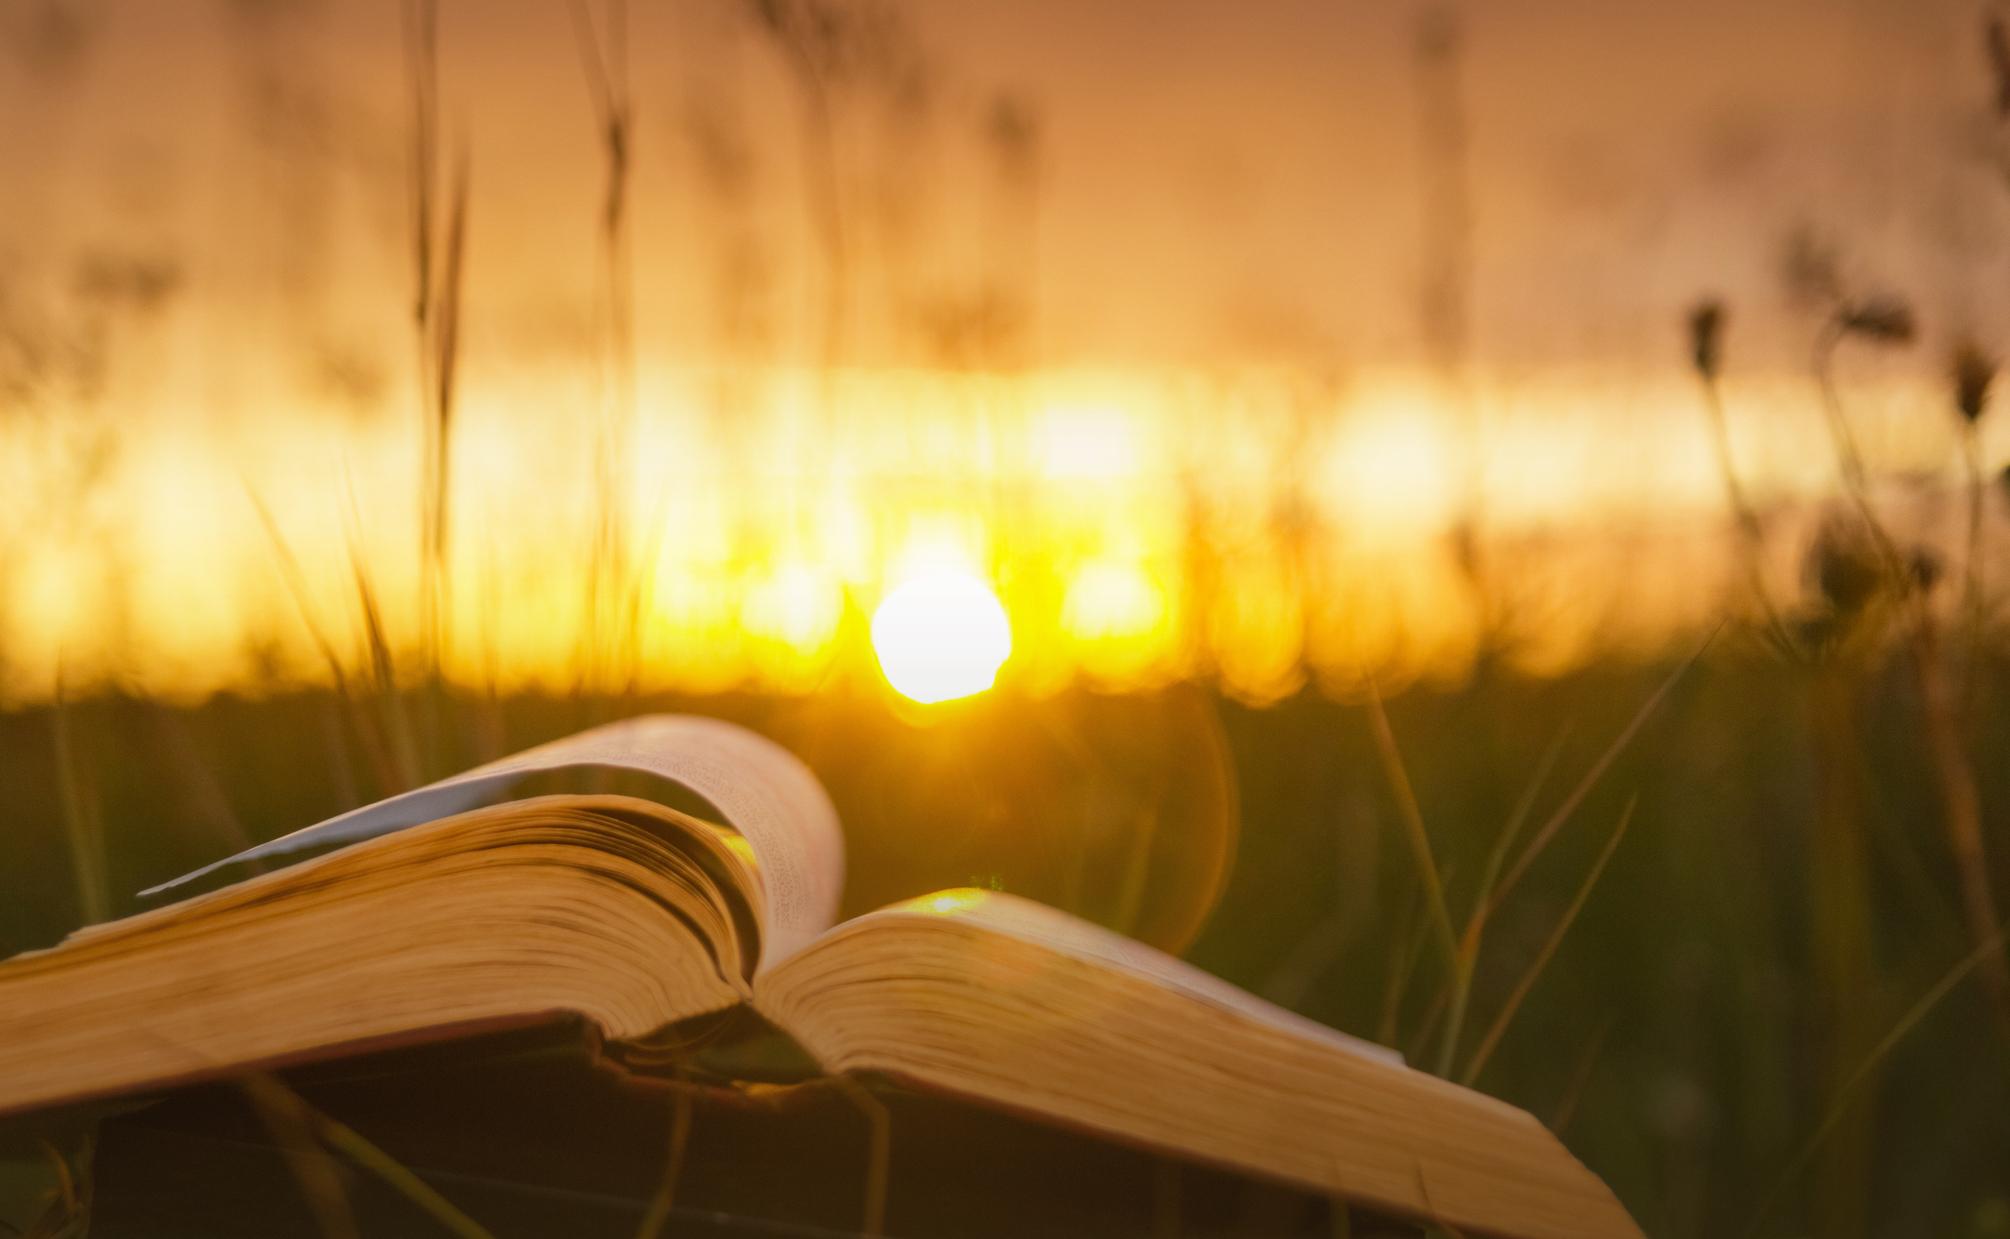 Bible at sunset